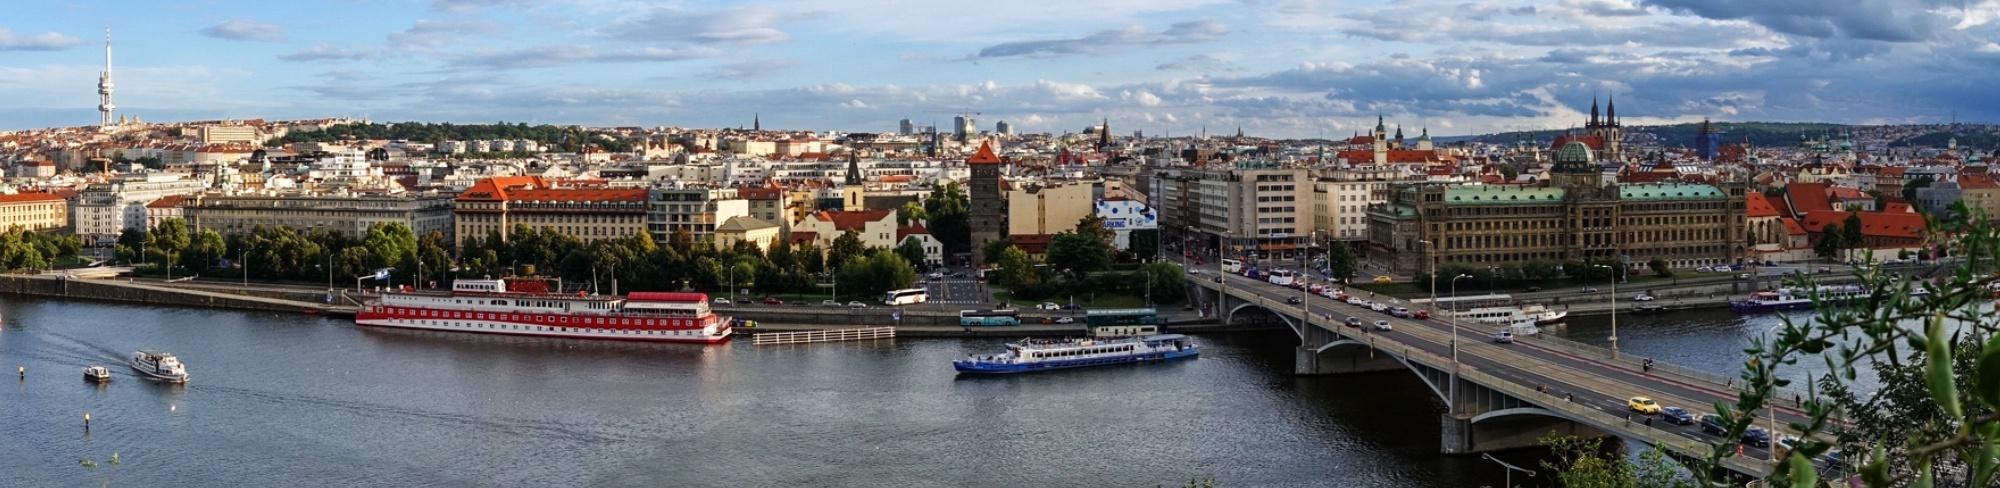 Prague Slide 2.jpg